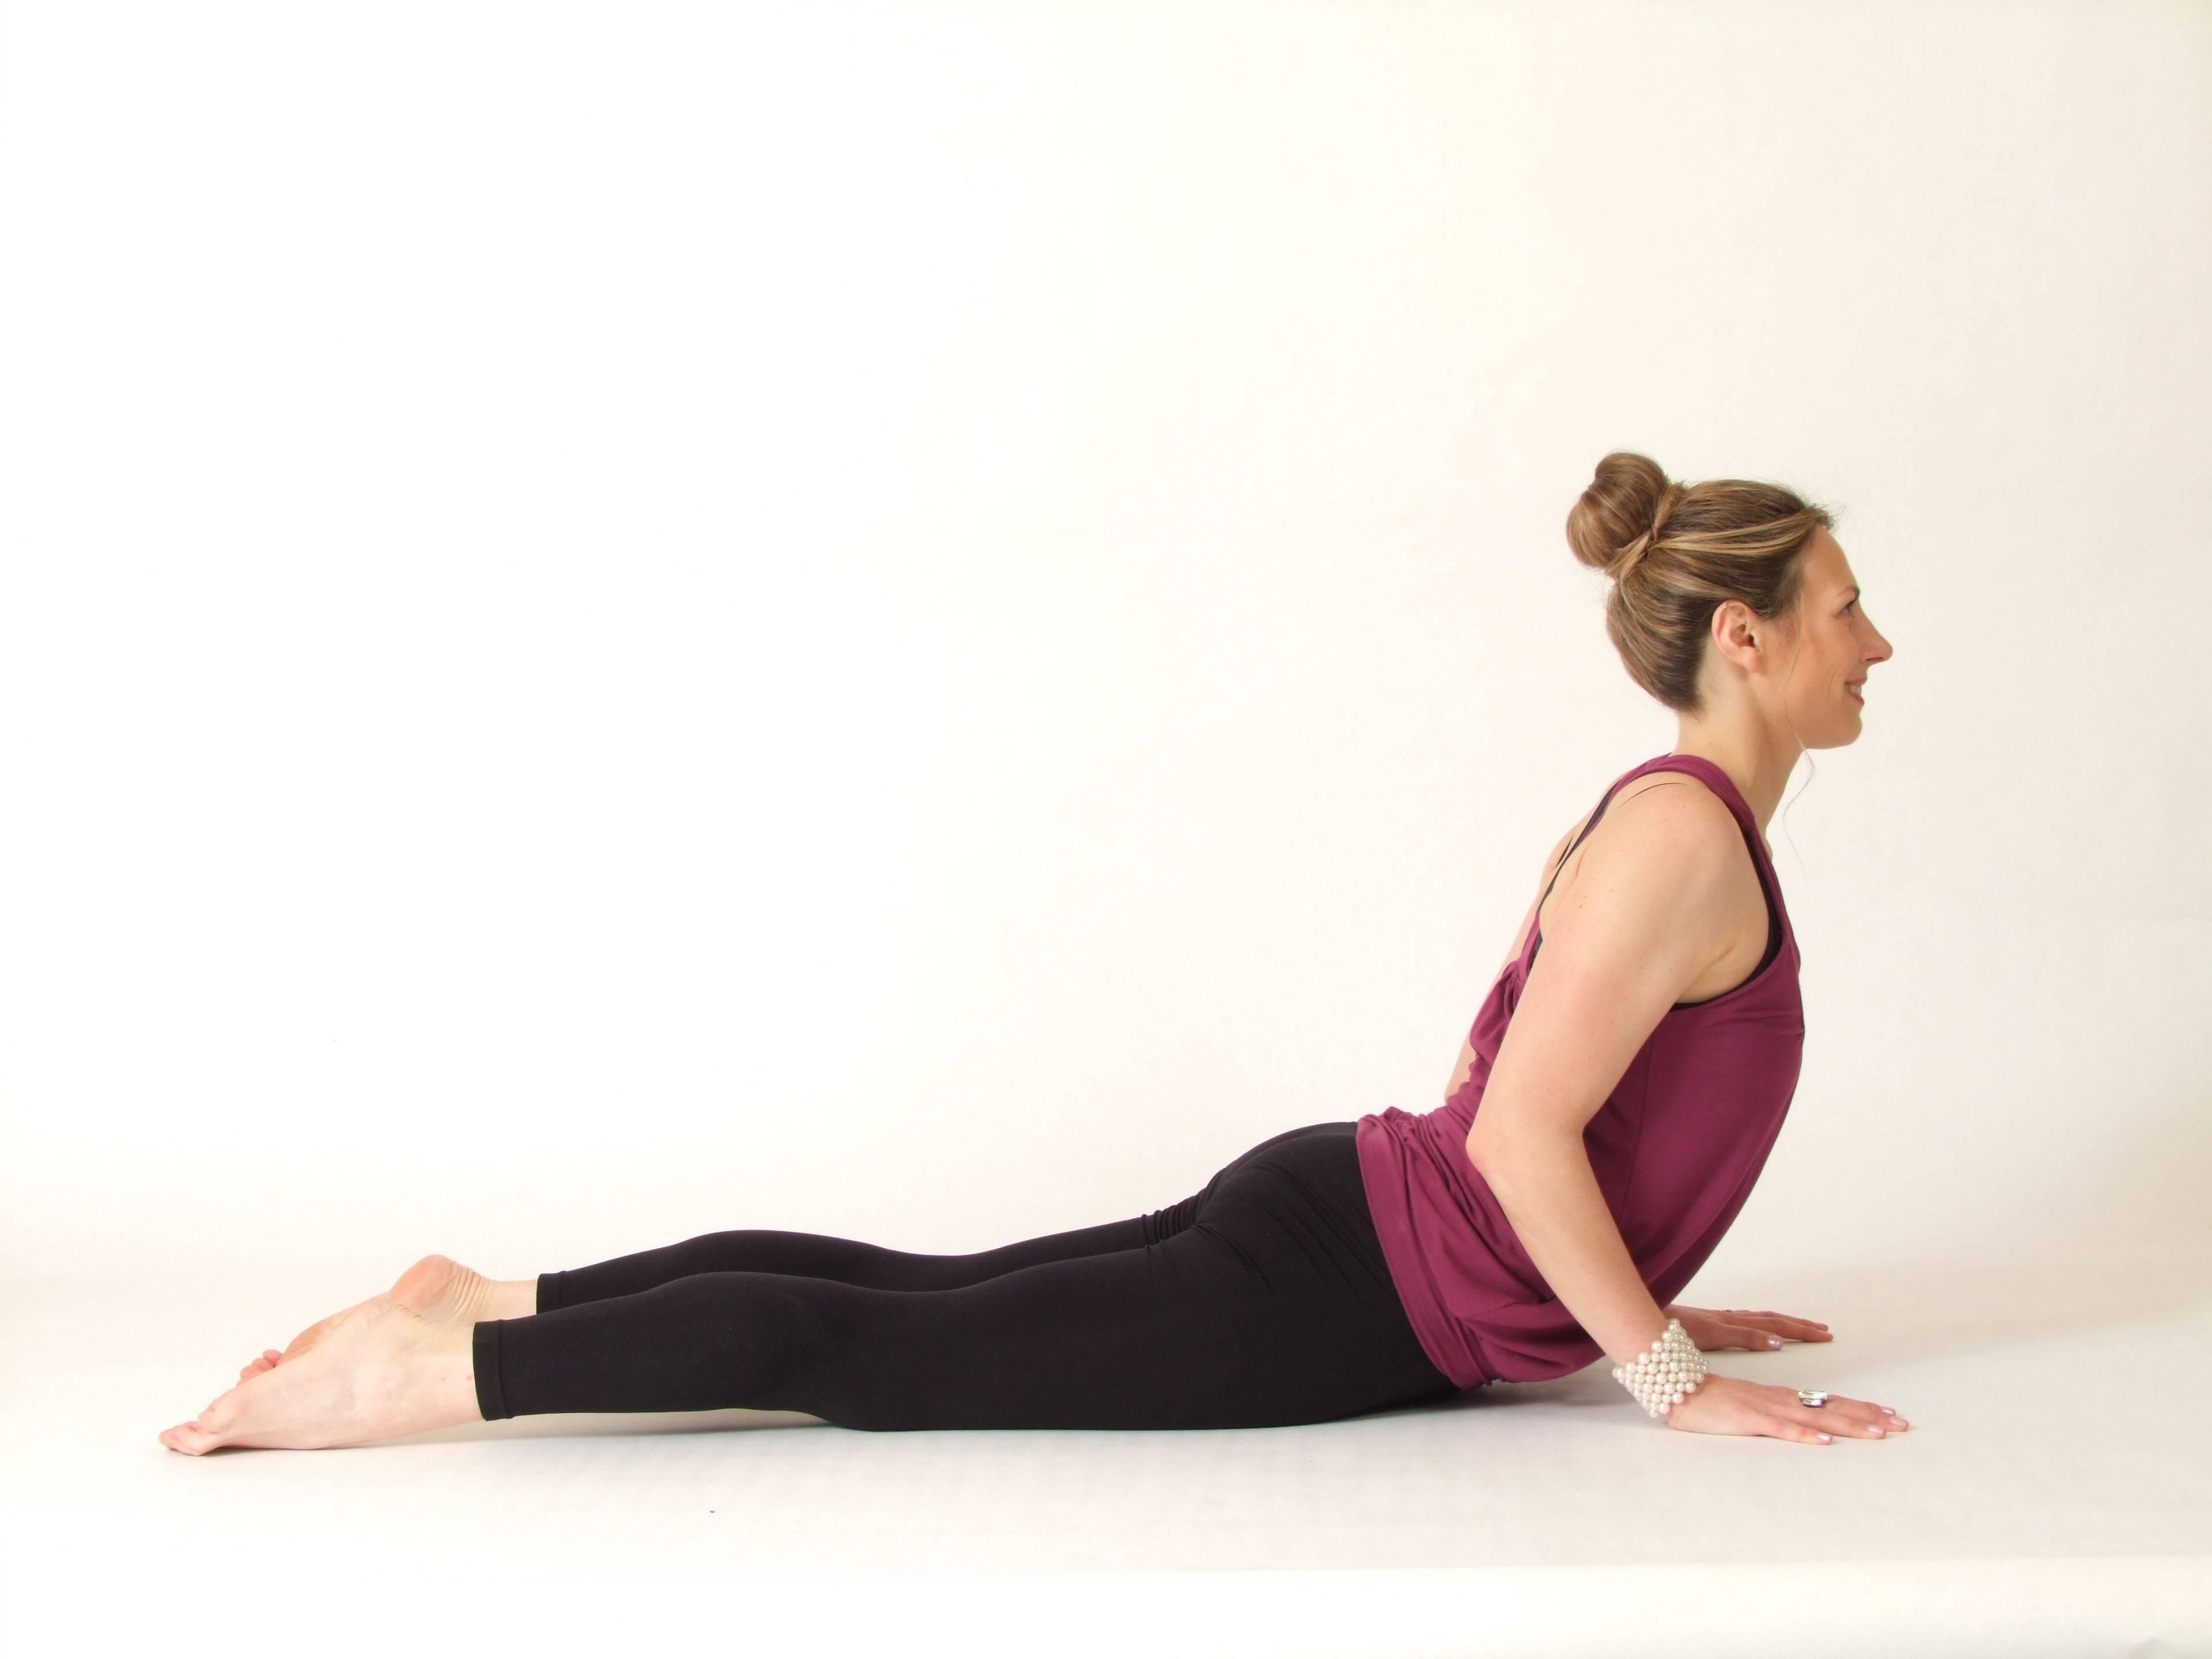 Бхуджангасана (поза кобры) в йоге: техника выполнения асаны, польза и противопоказания (с фото и видео)